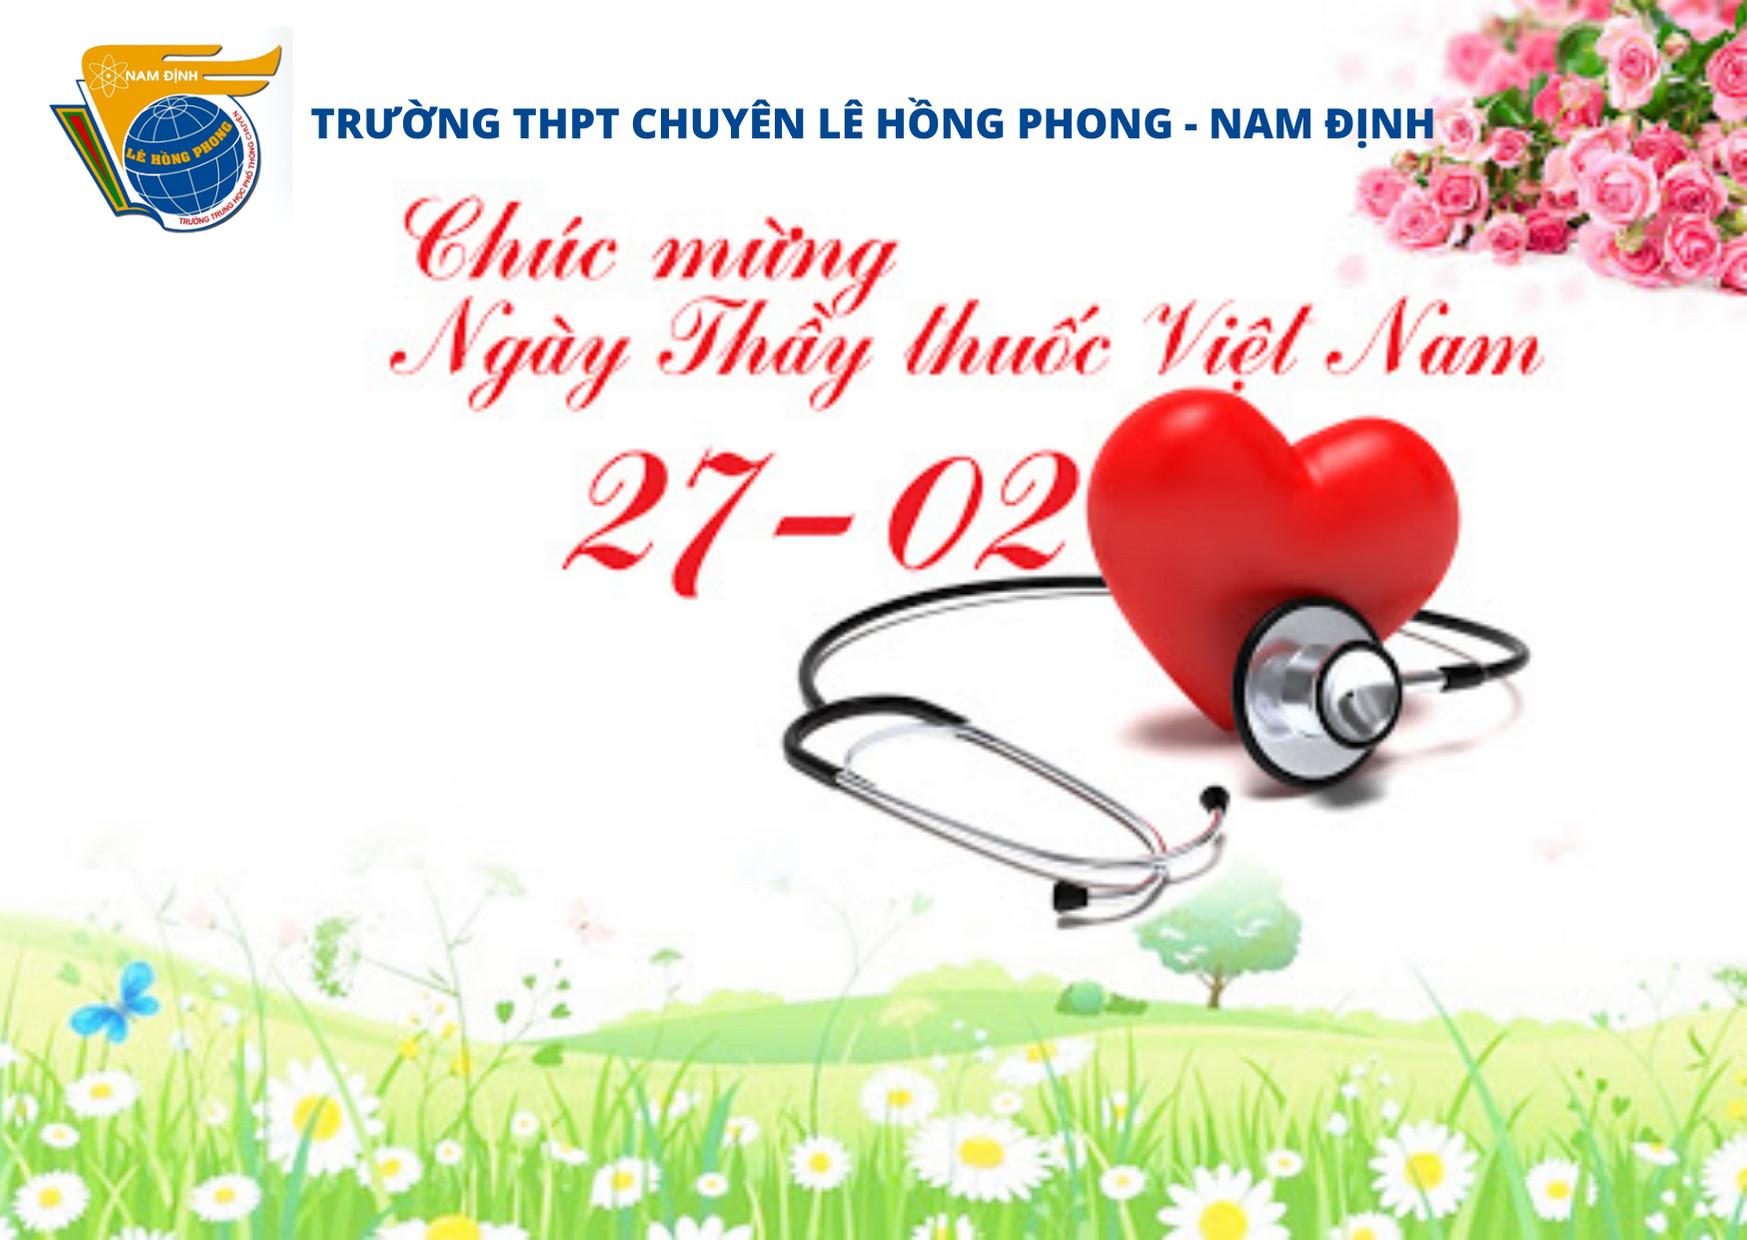 Chúc mừng ngày Thầy thuốc Việt Nam 27-02